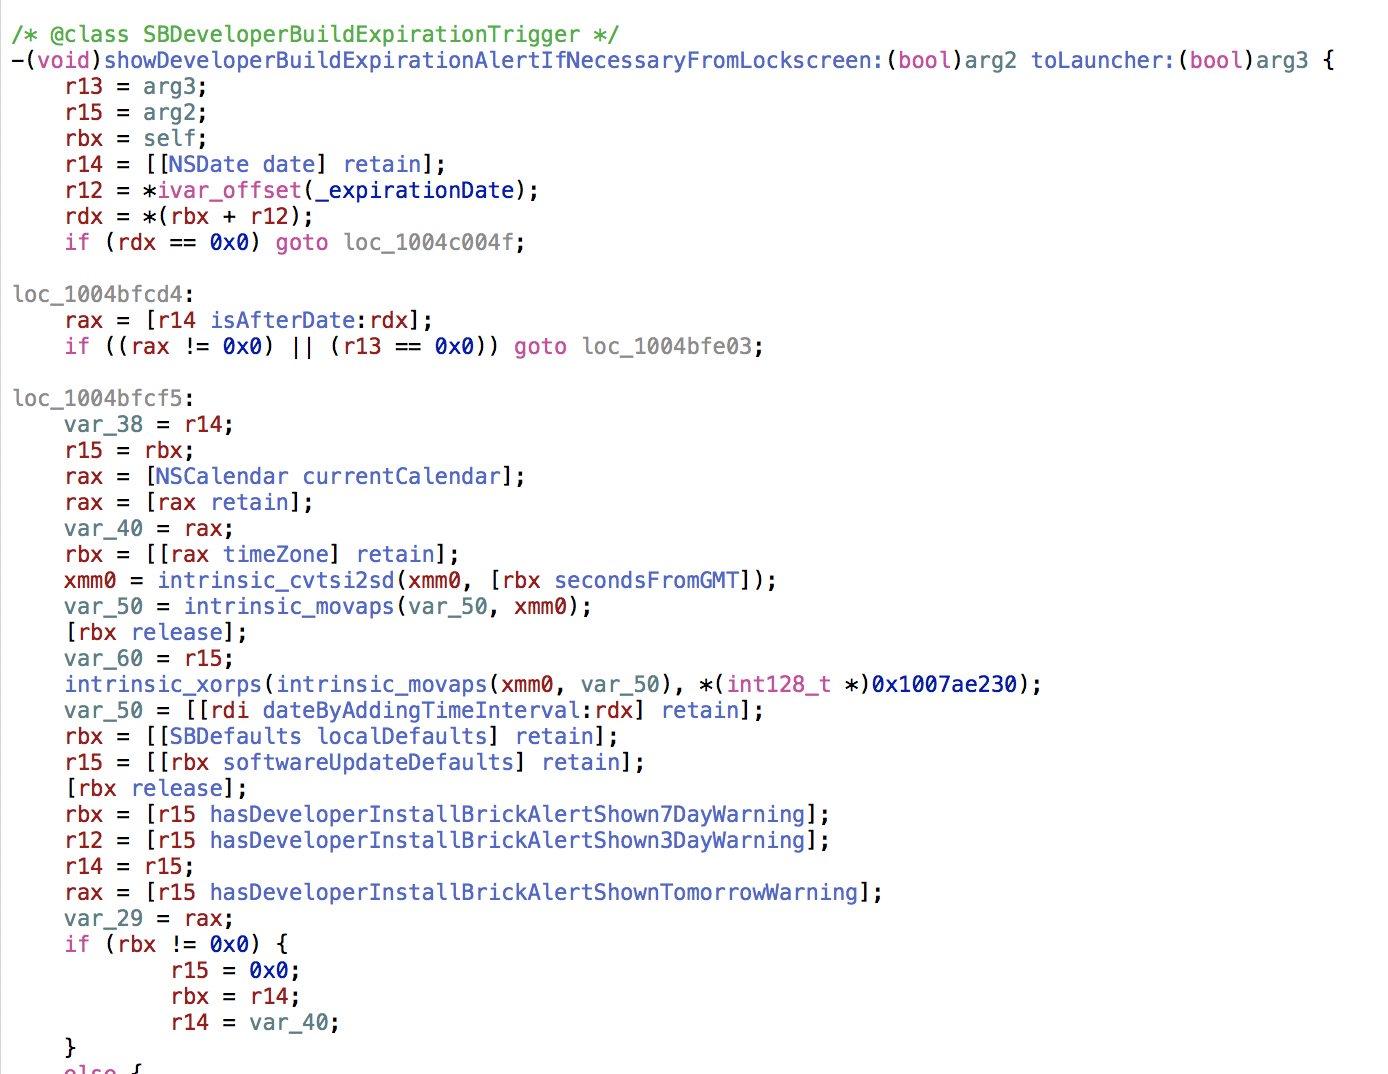 Código que comprueba si ha caducado la beta